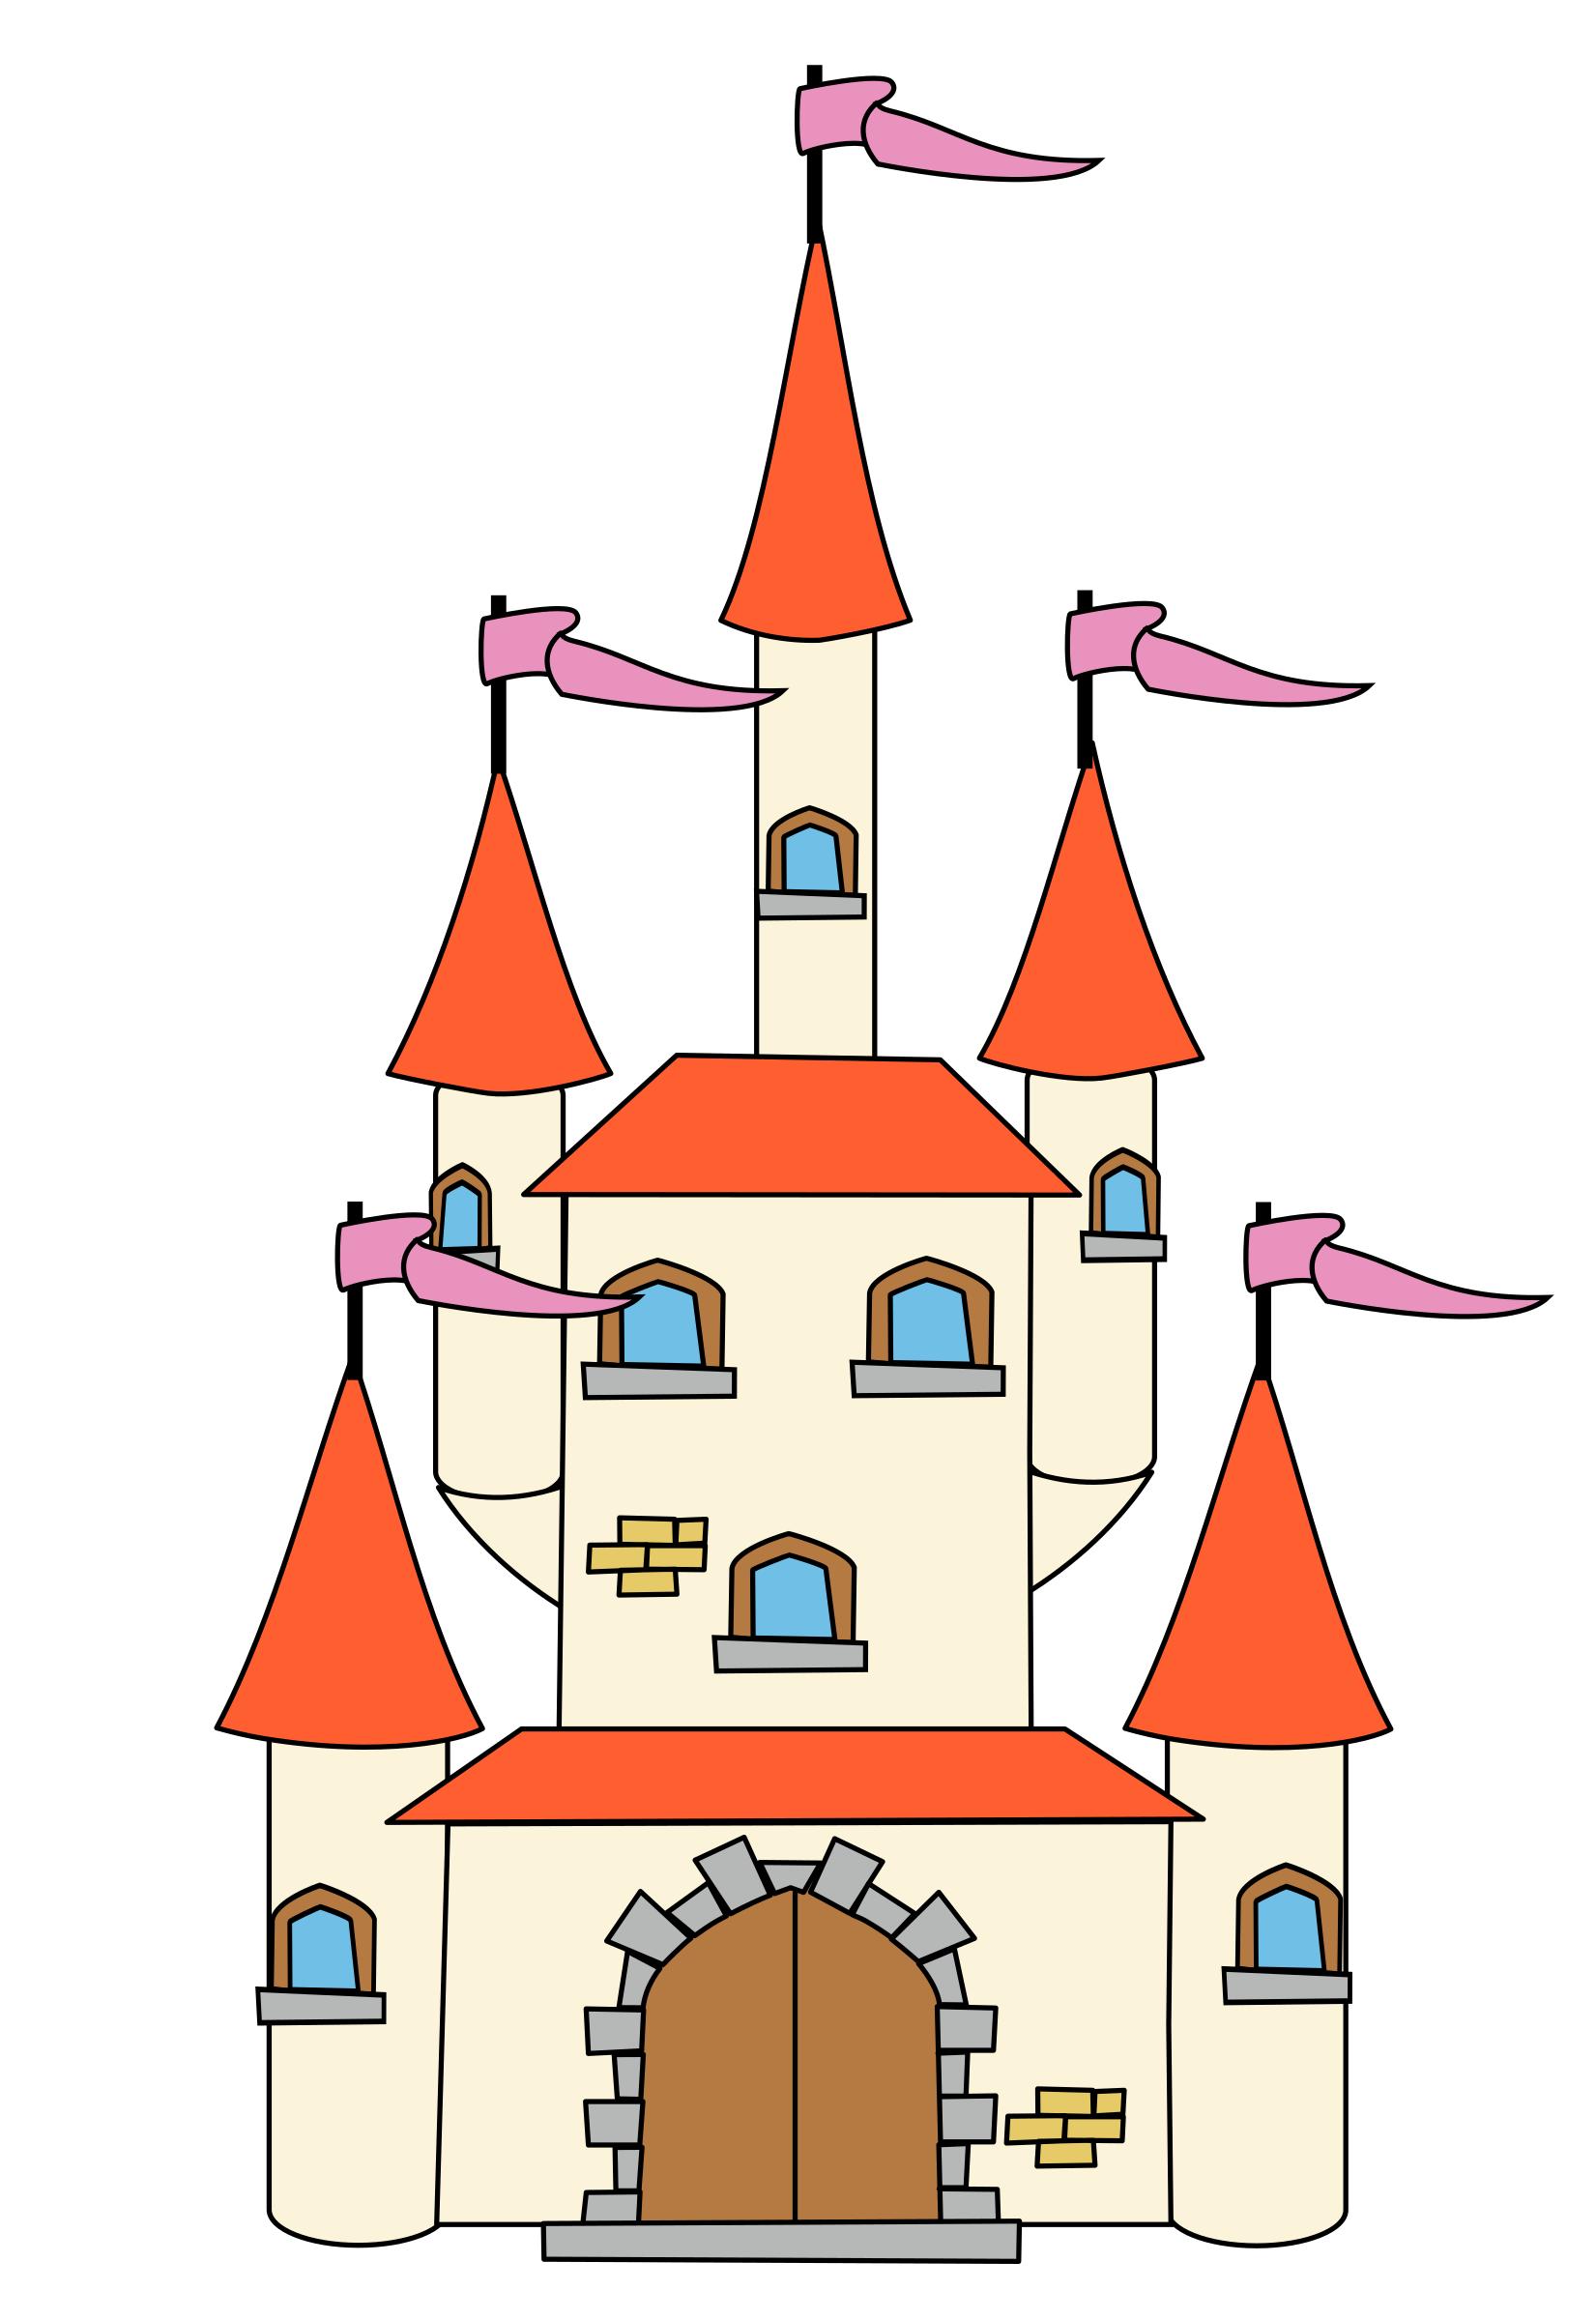 Palace clipart fairy tale castle. Fairytale remix big image